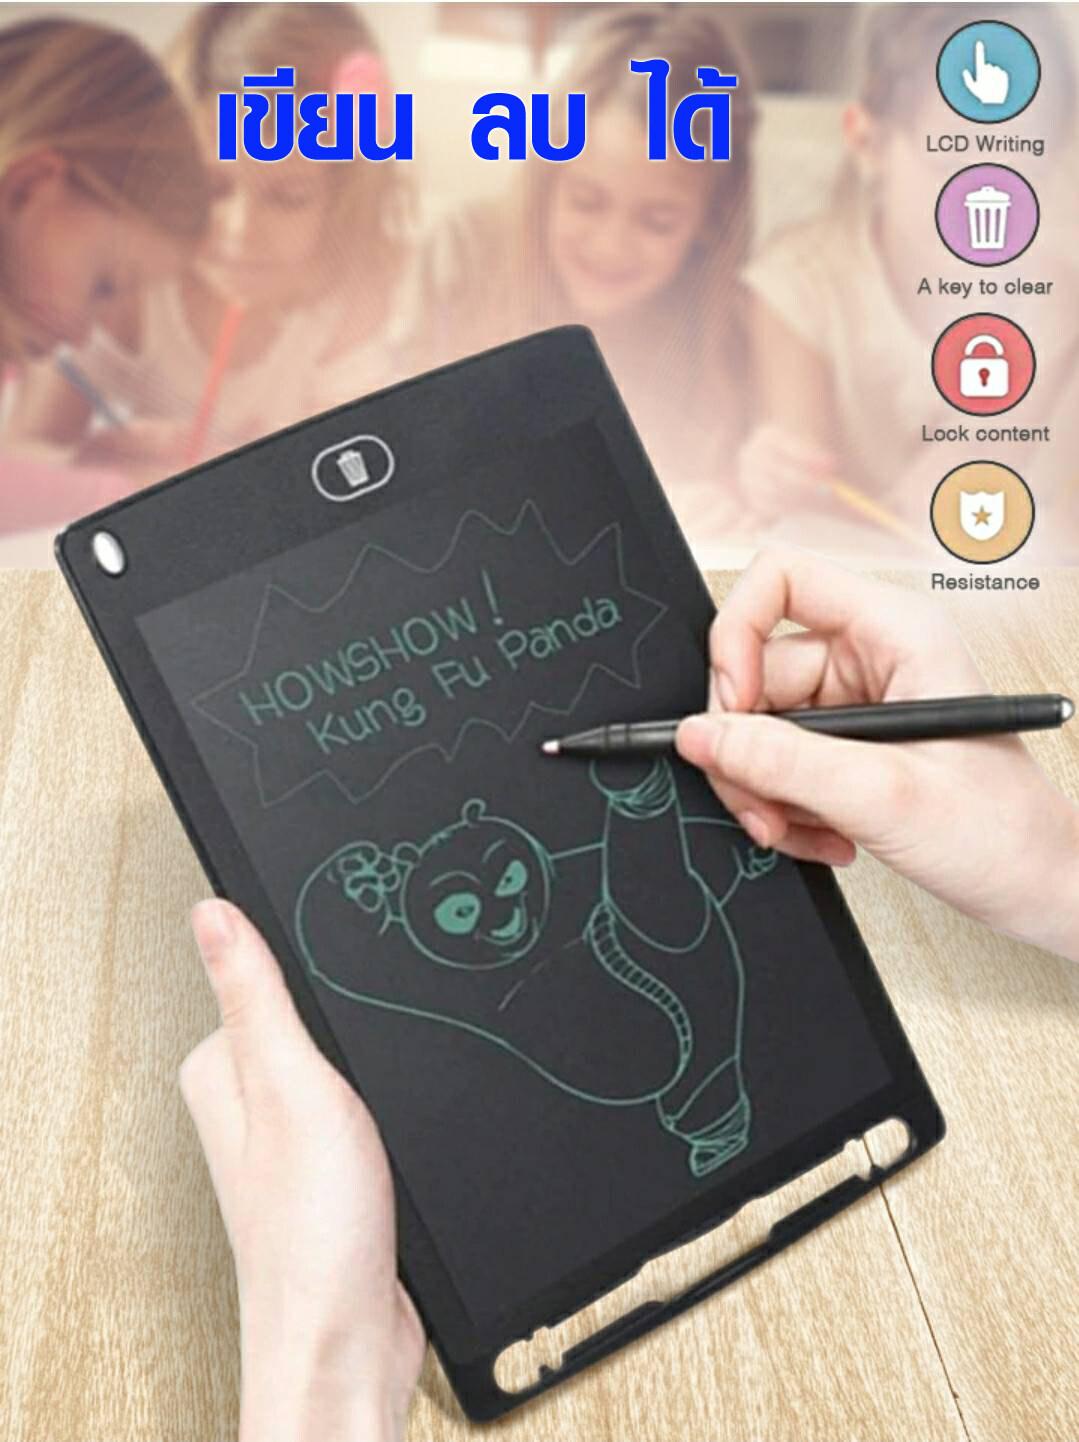 กระดานวาดภาพ ลบได้ กระดานวาดรูป สำหรับเด็ก แท็บเล็ต ขนาด 8.5 นิ้ว Lcd Writing Tablet.